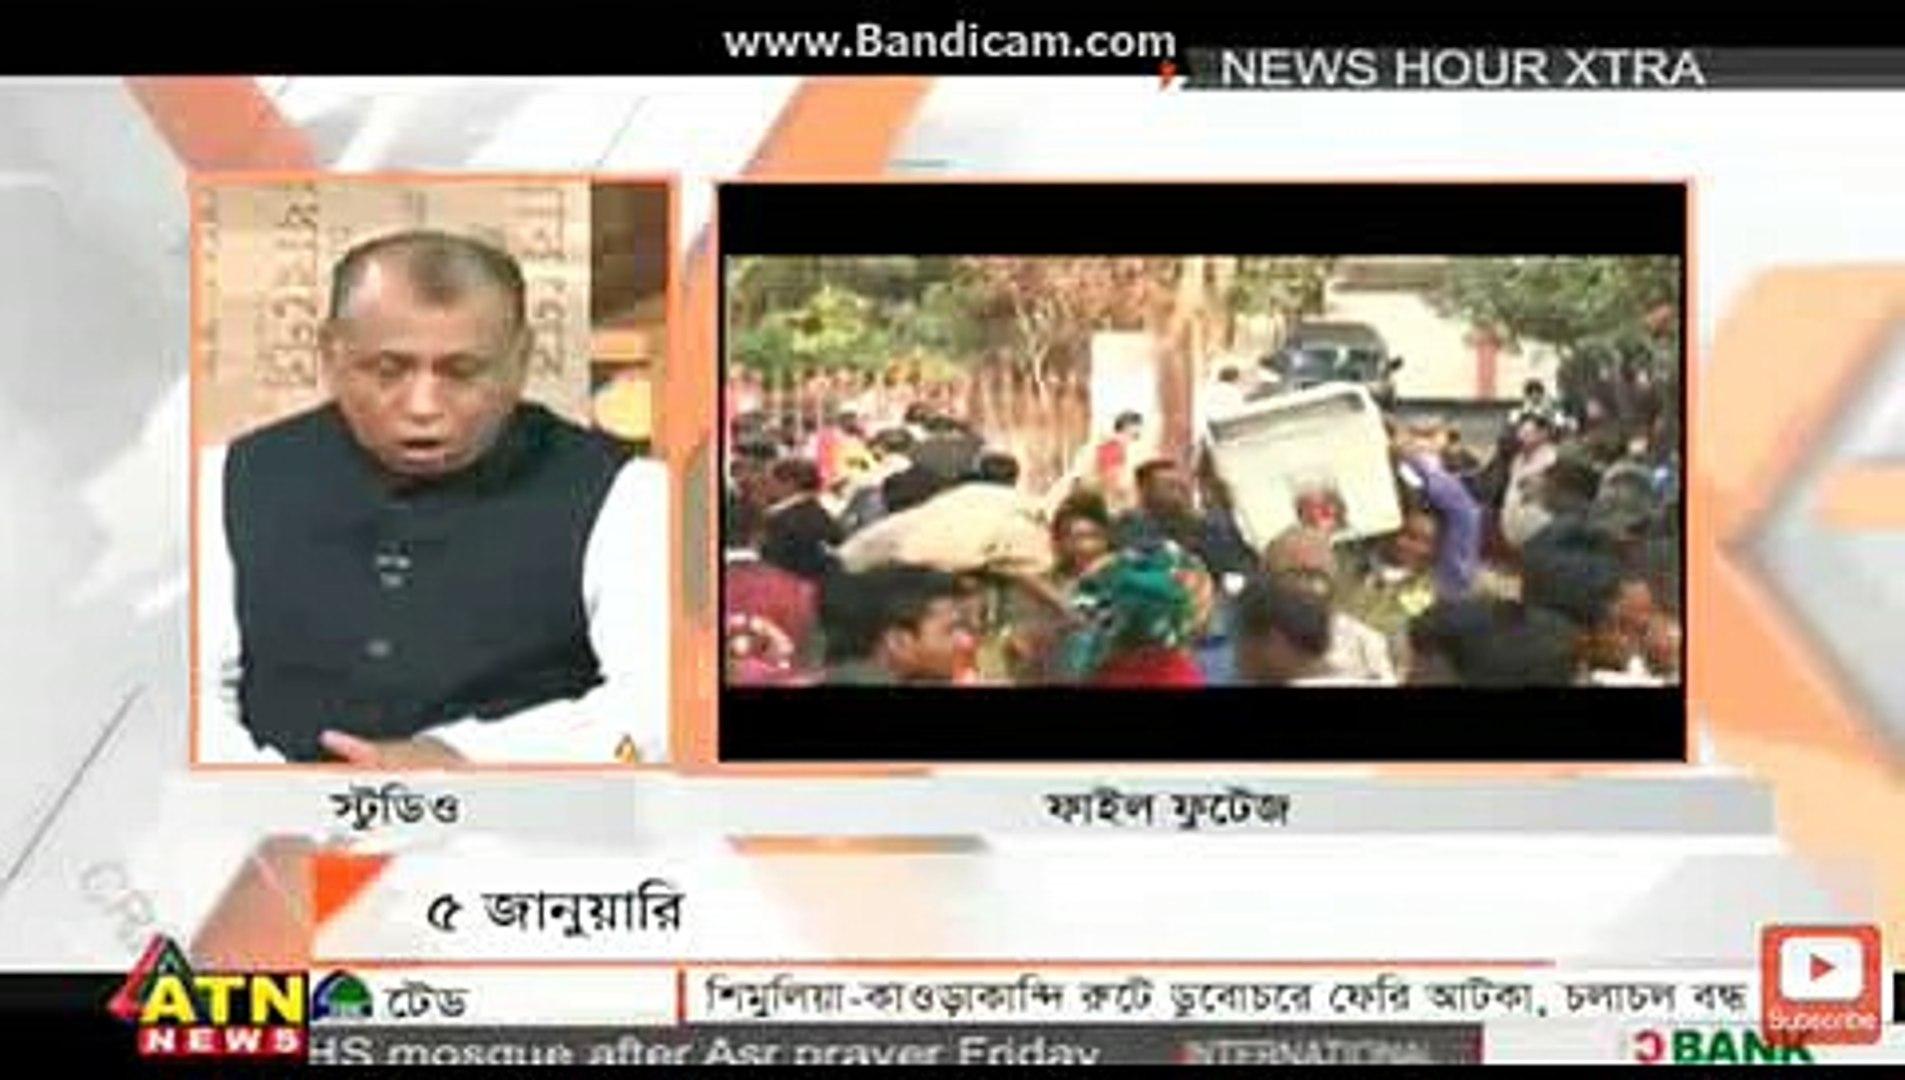 ATN bangla news hours xtra 5 January 2017